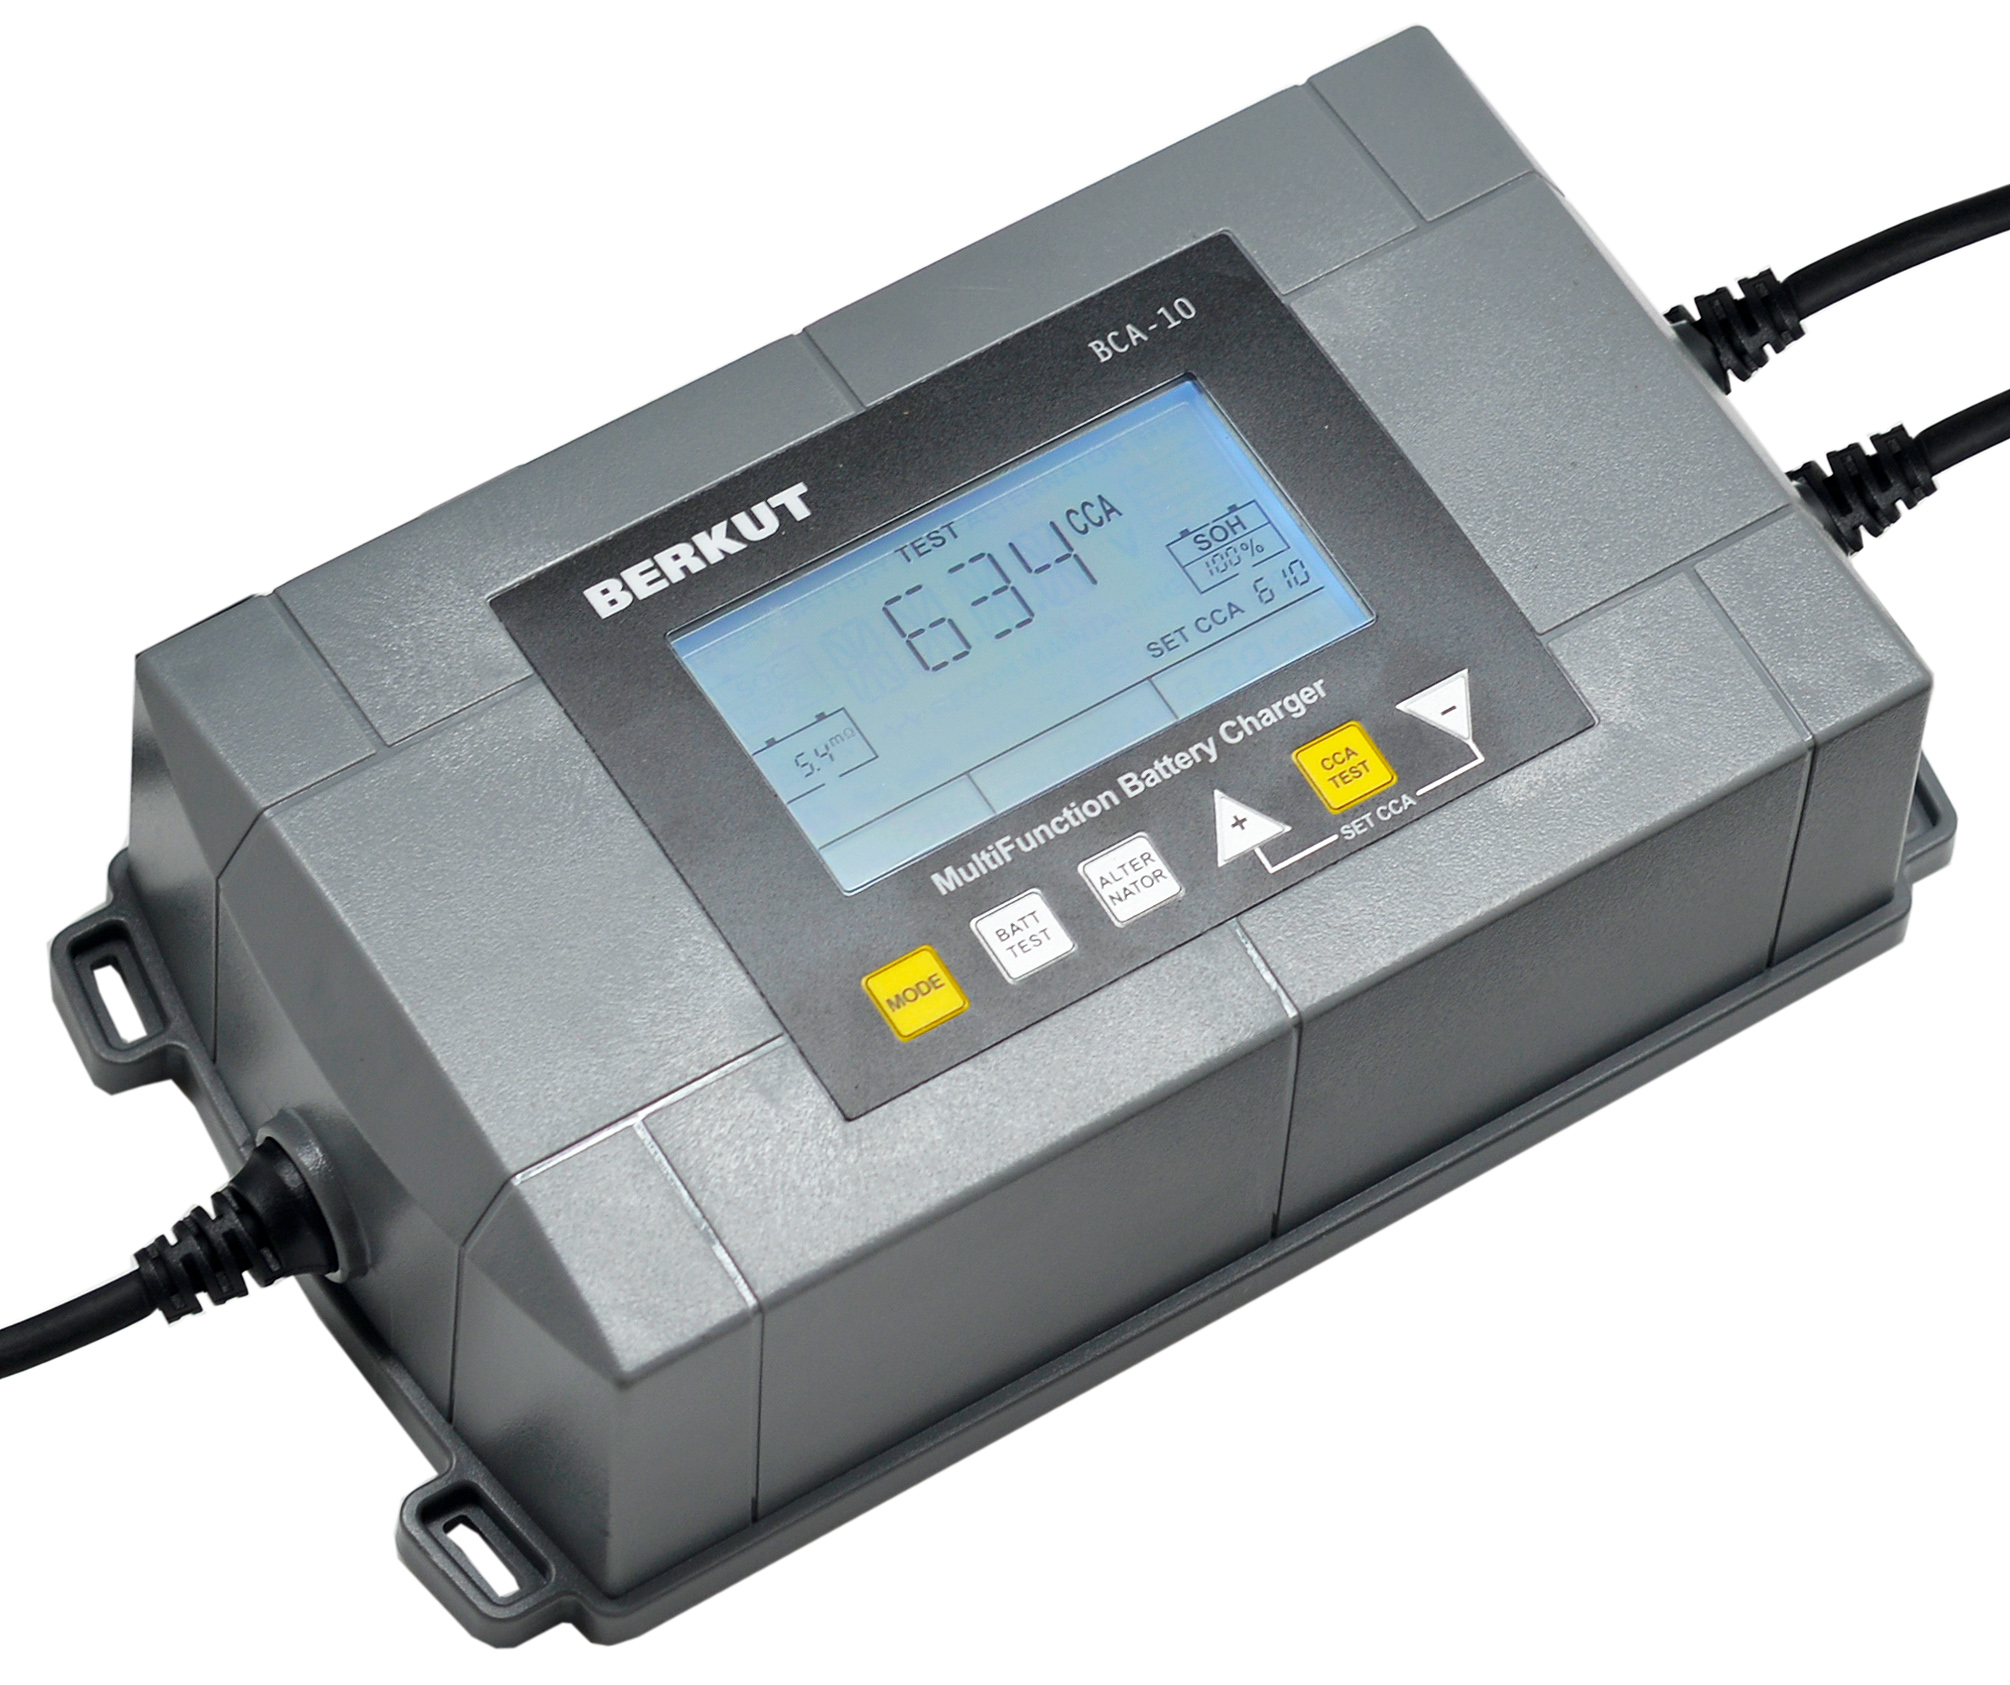 Автоматическое зарядное устройство с диагностикой АКБ BERKUT BCA-10 (+ Power Bank в подарок!)